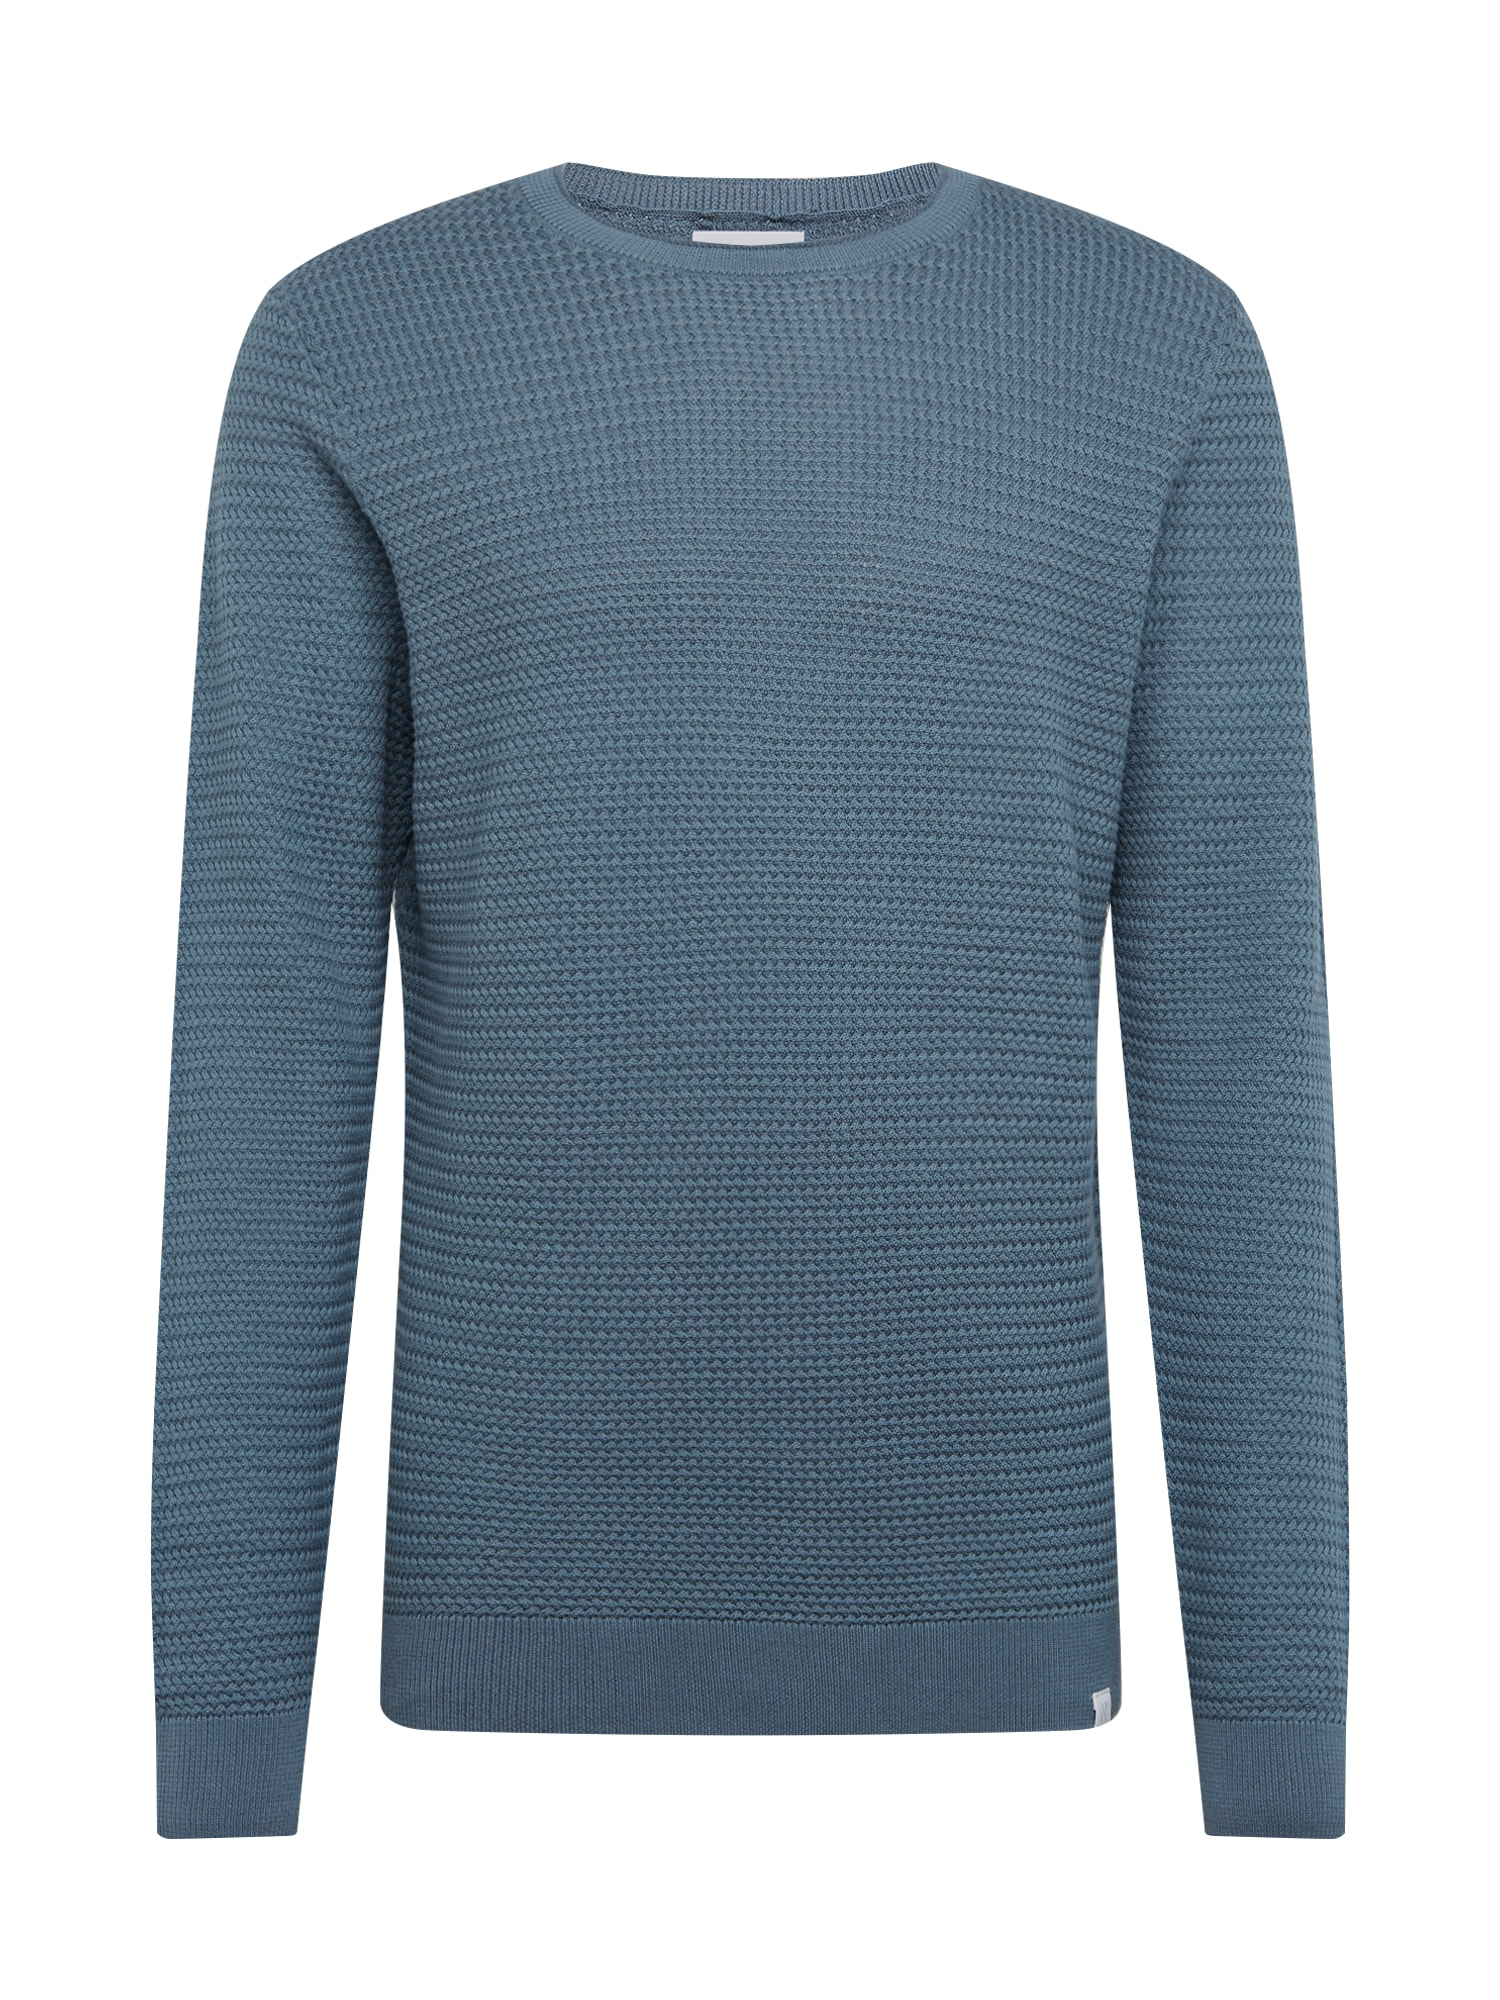 NOWADAYS Megztinis 'Basket Stitch Sweater' mėlyna